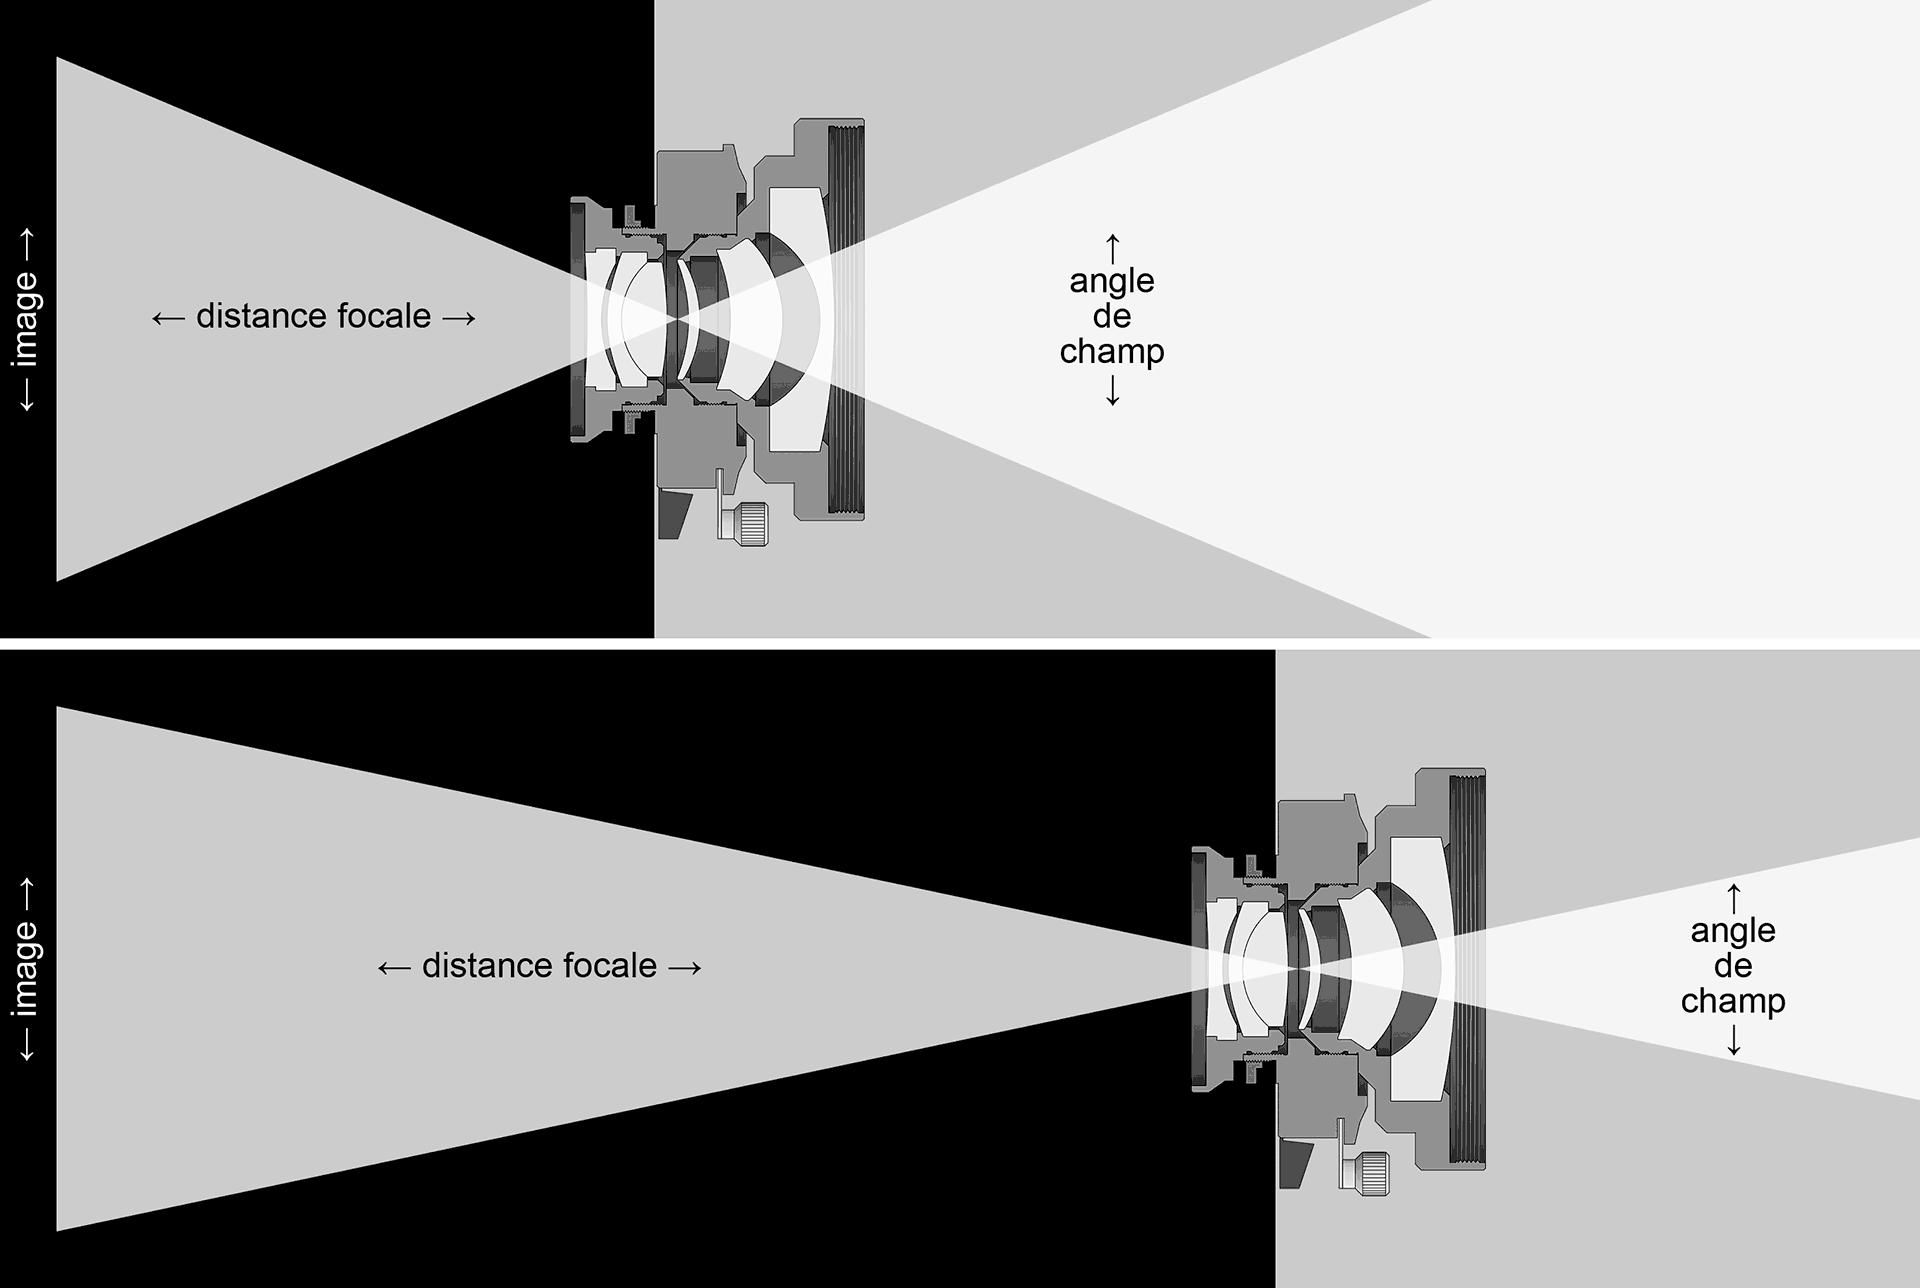 Focale et angle de champ (comparaison).